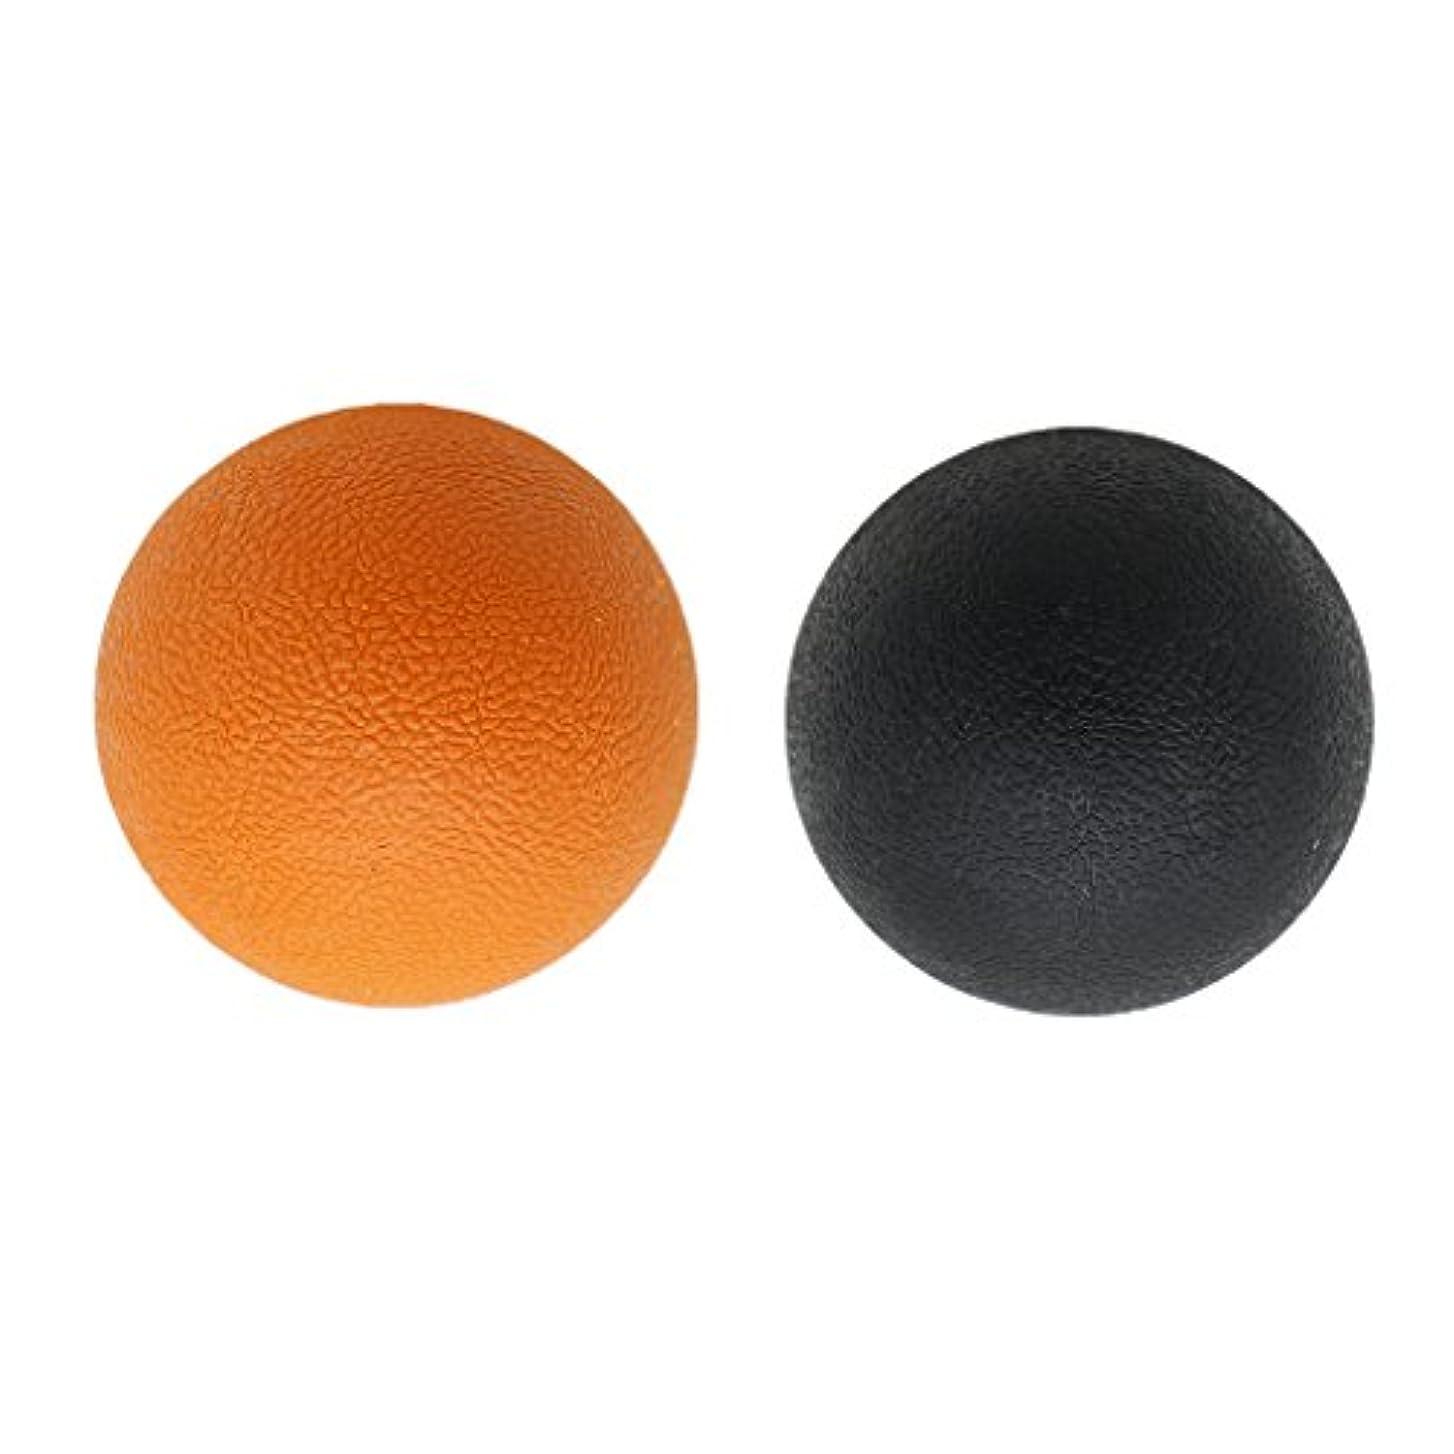 構成追い付く管理する2個 マッサージボール ラクロスボール トリガ ポイントマッサージ 弾性TPE 多色選べる - オレンジブラック